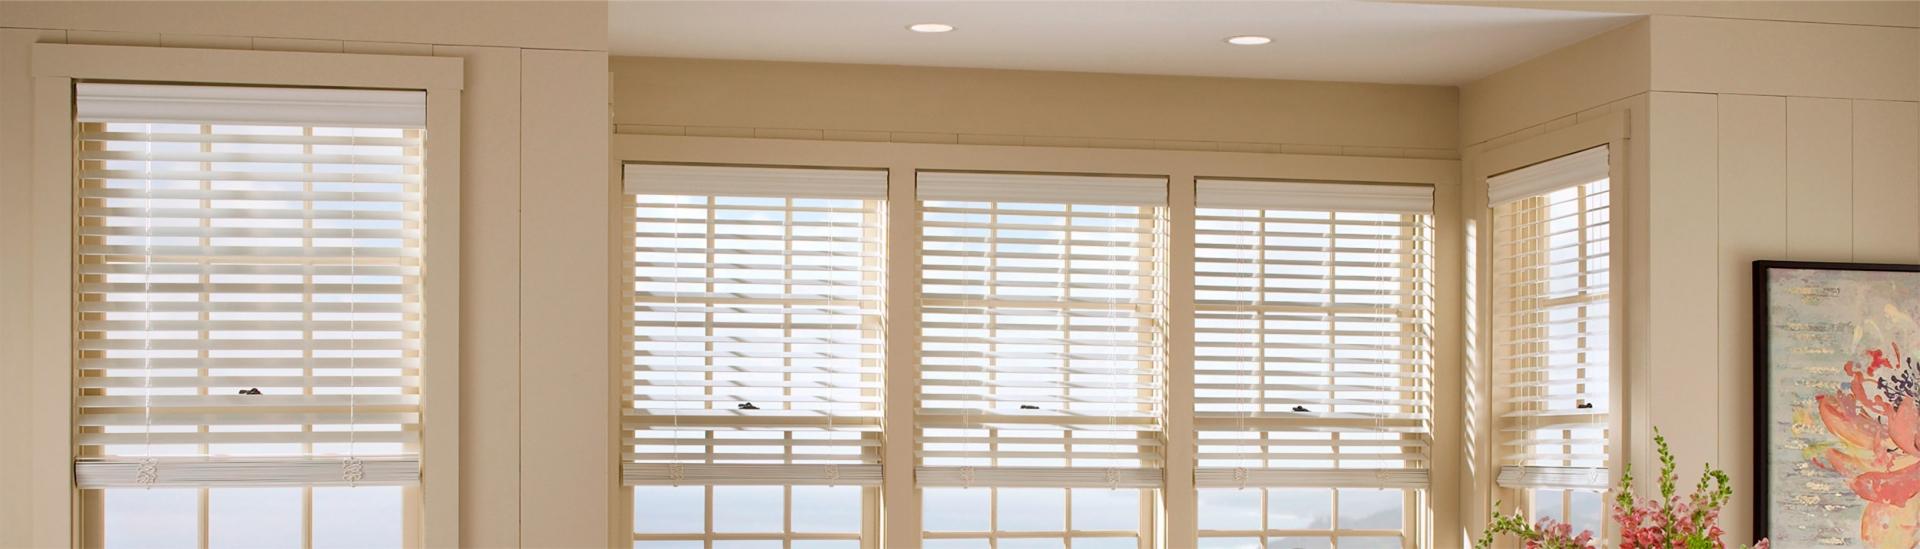 Profain - Venta de rejas para ventanas y puertas a medida